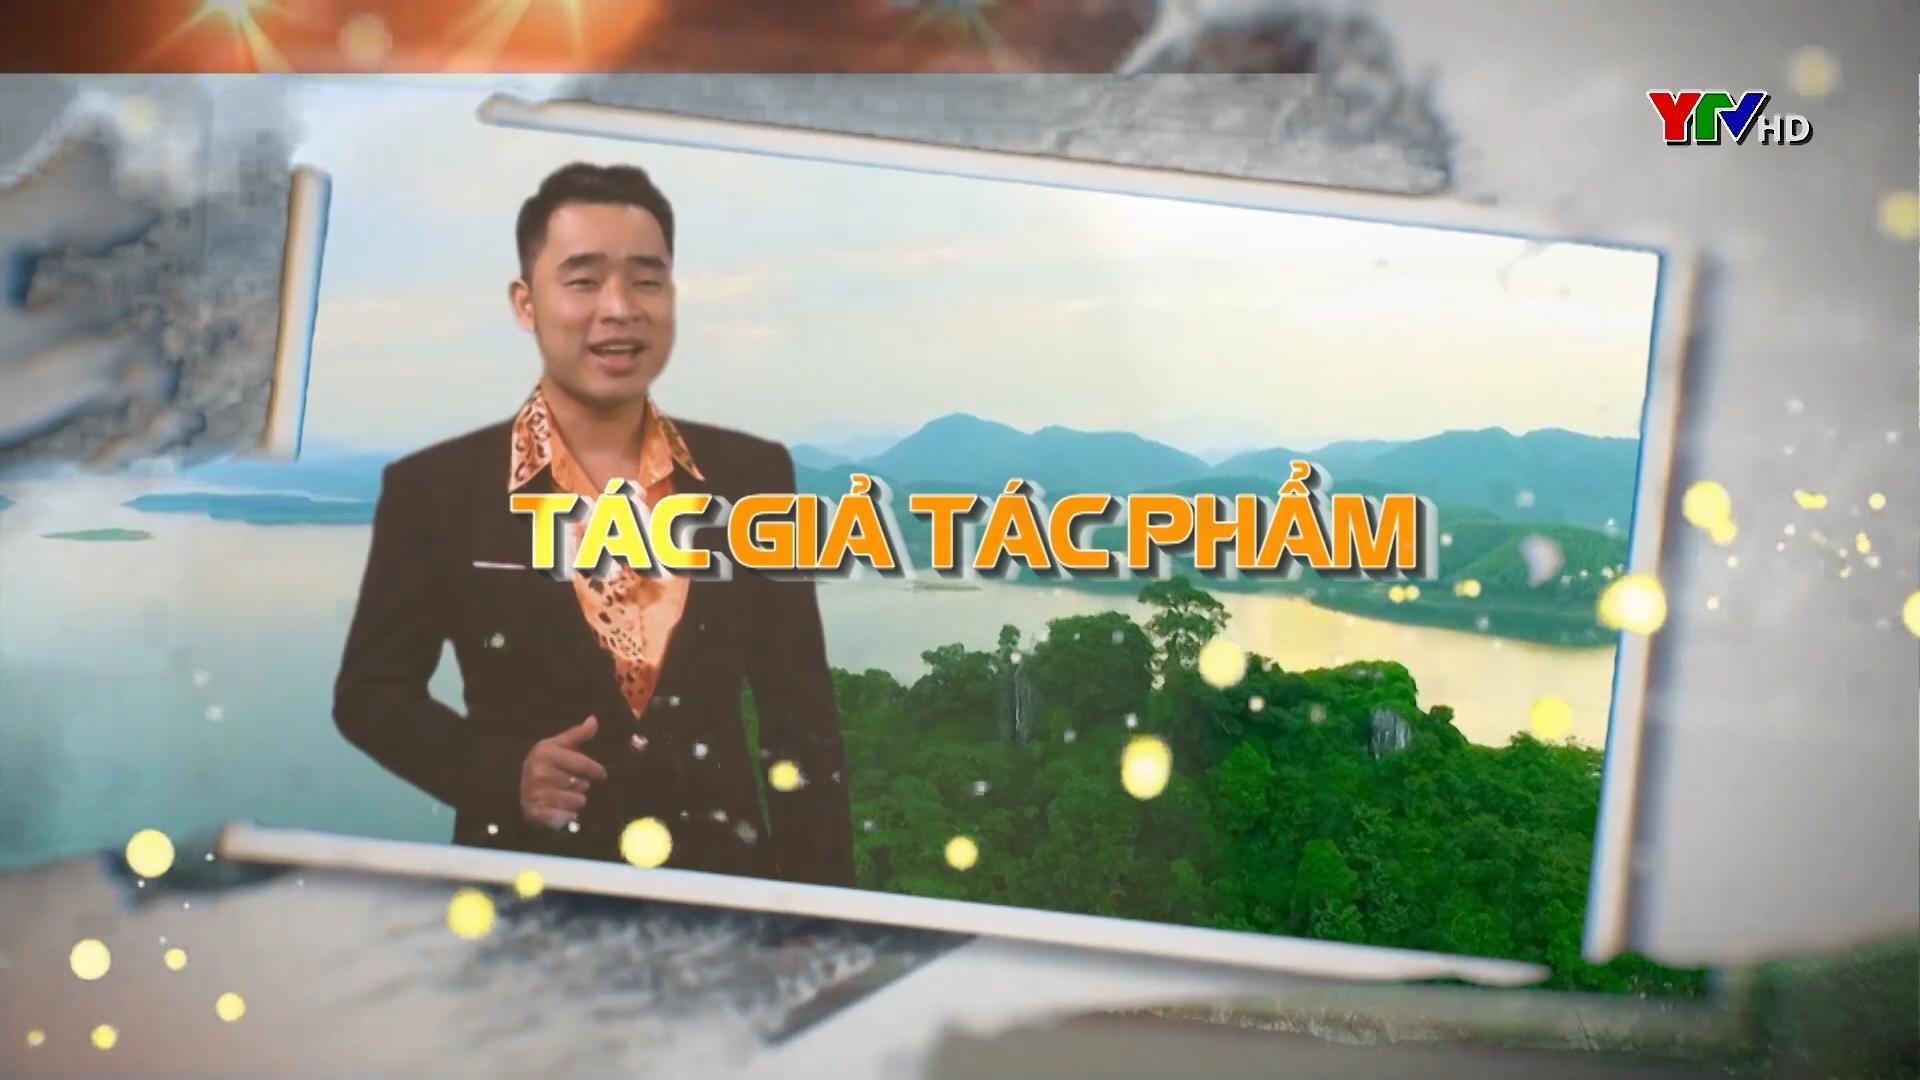 Dương Nhâm - người nhạc sỹ của núi rừng